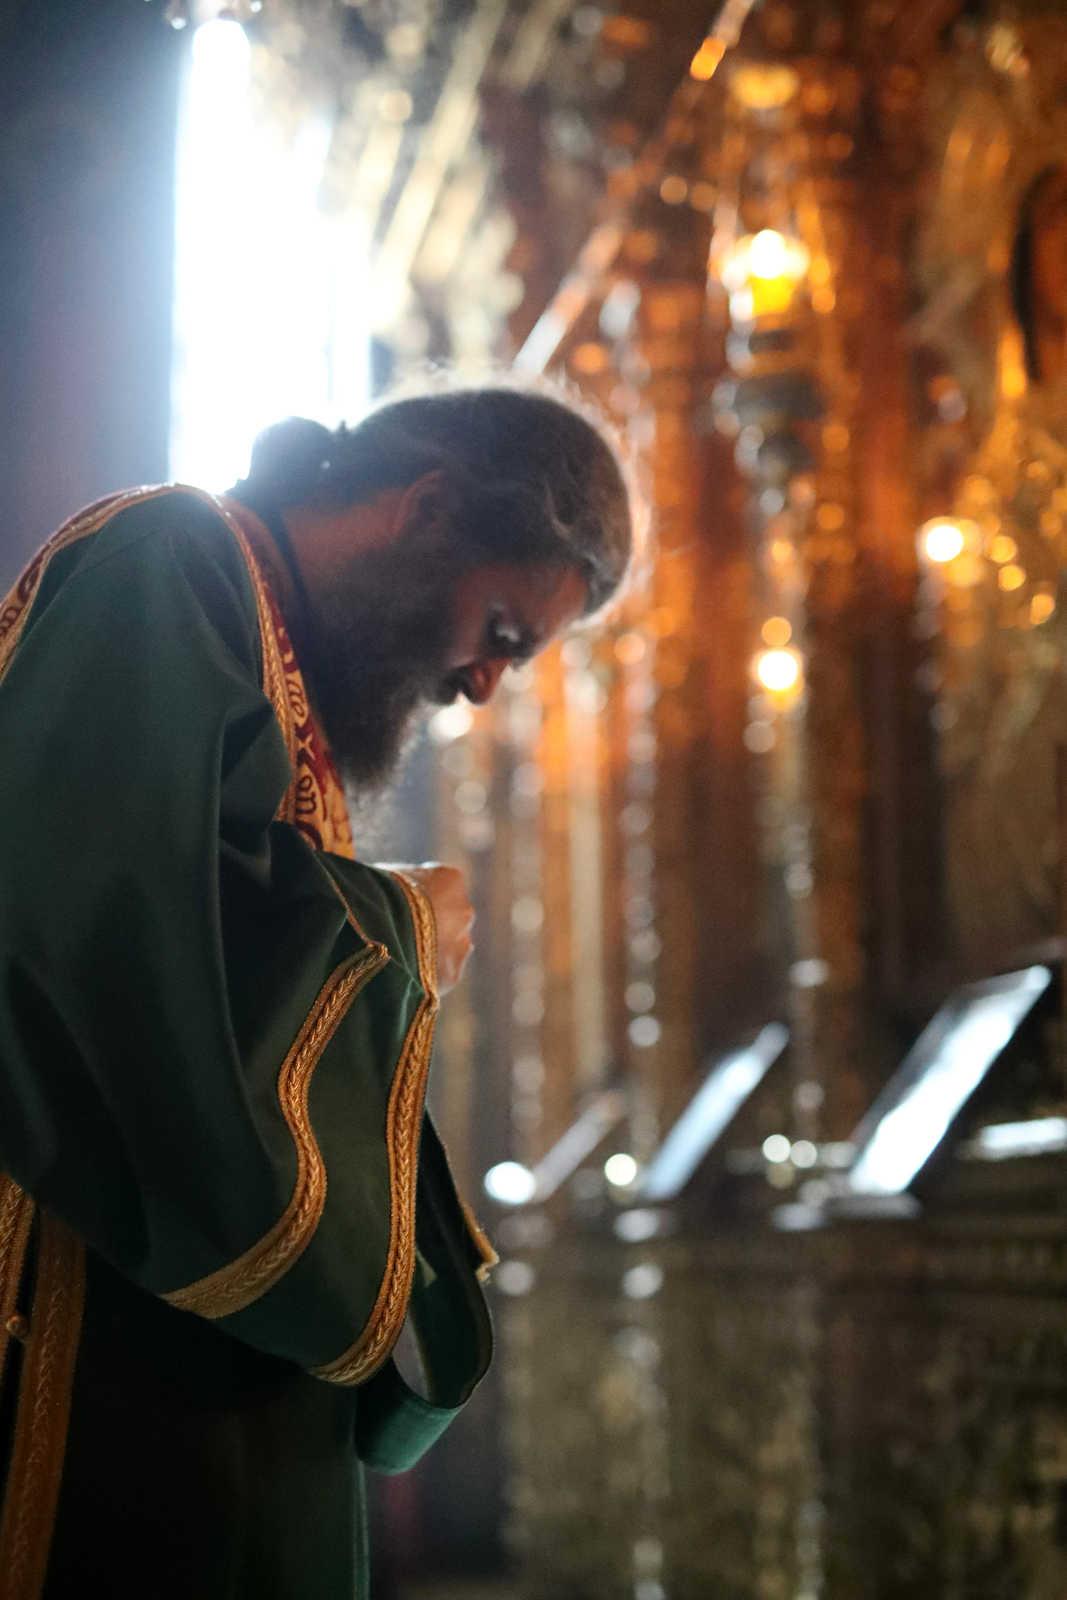 De ce ne rugăm la Dumnezeu când el însuși a spus că știe mai dinanite de ce avem nevoie? - Fotoreportaj de la privegherea împotriva pandemiei